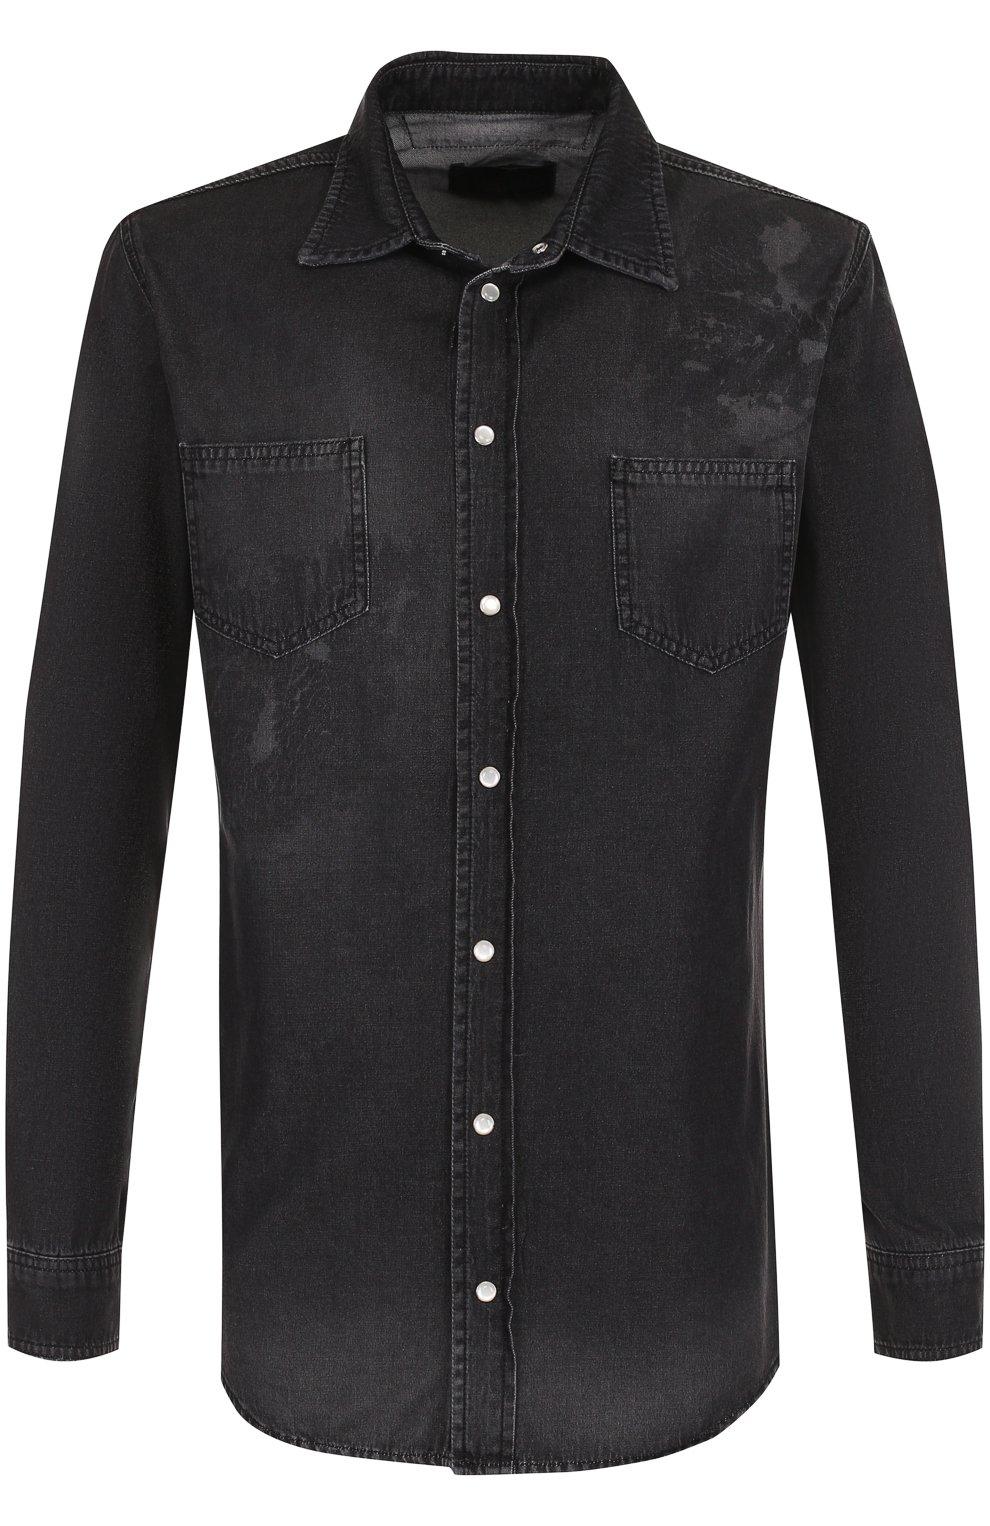 5673949f694 Мужская темно-серая джинсовая рубашка на кнопках с принтом PHILIPP ...